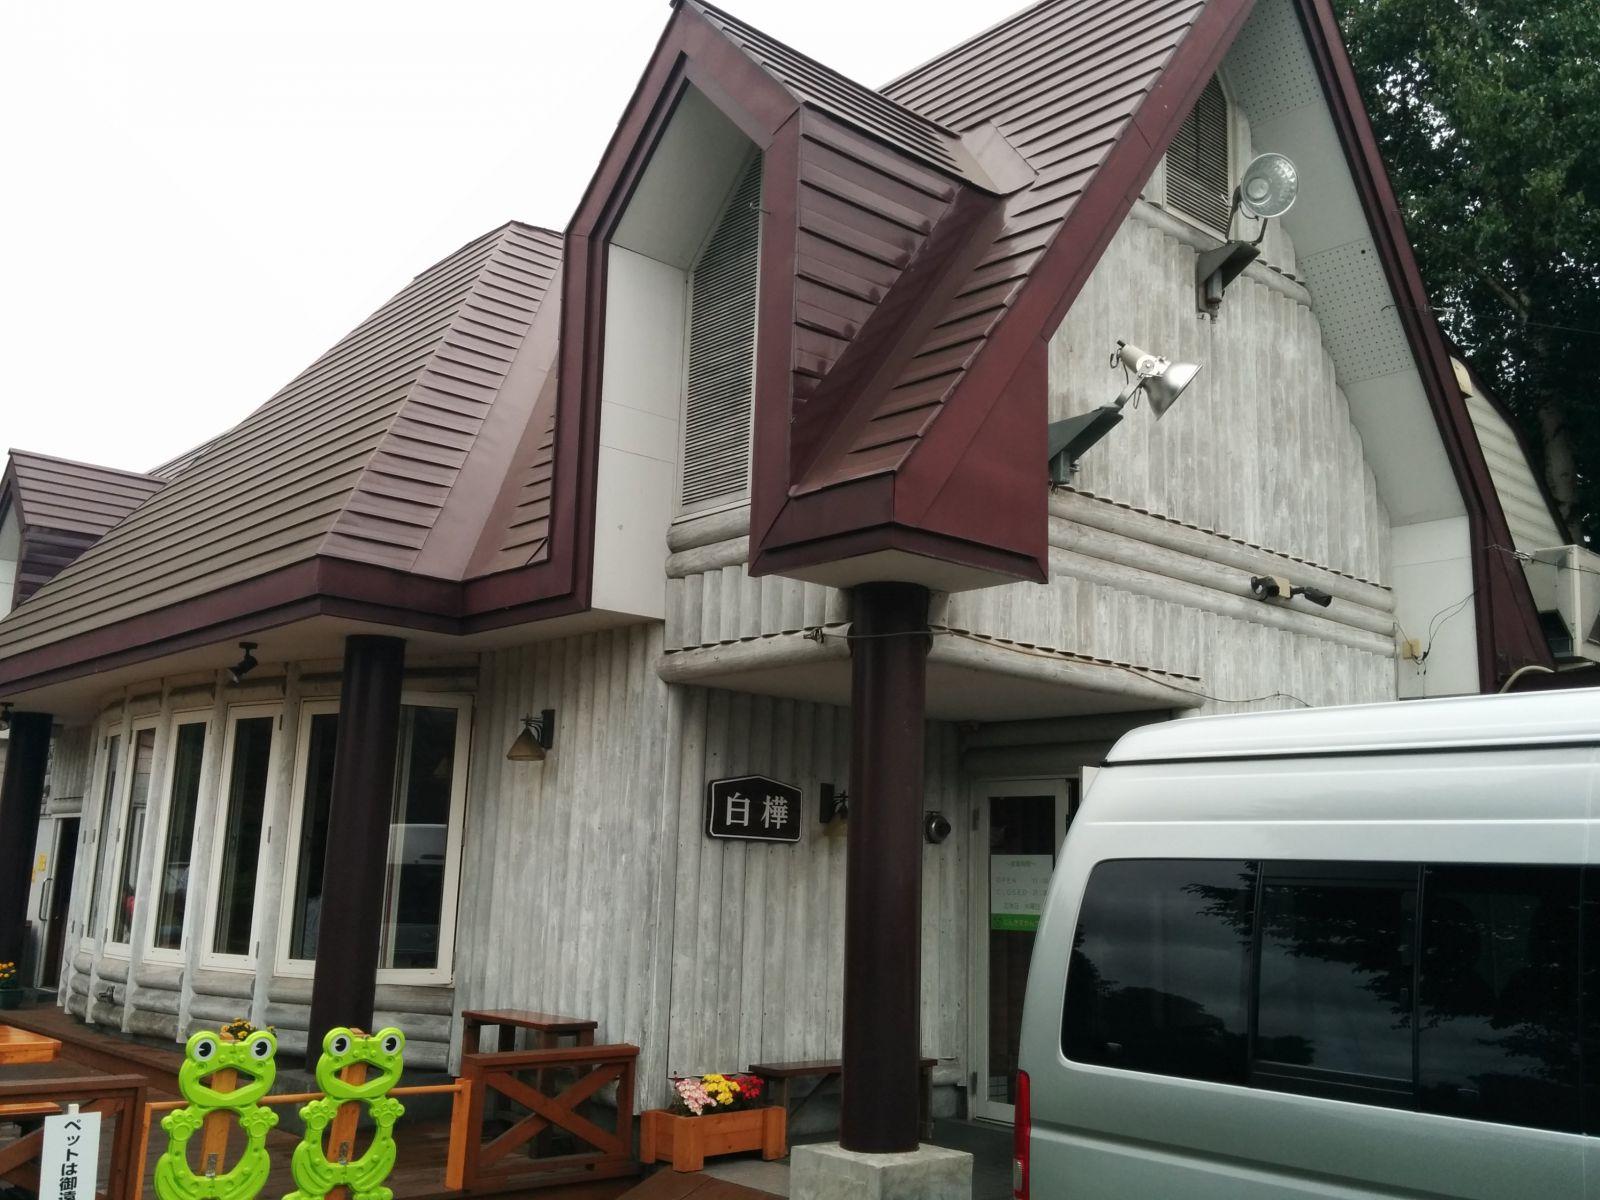 【札幌】ツキサップジンギスカン~札幌ドーム観光タクシー